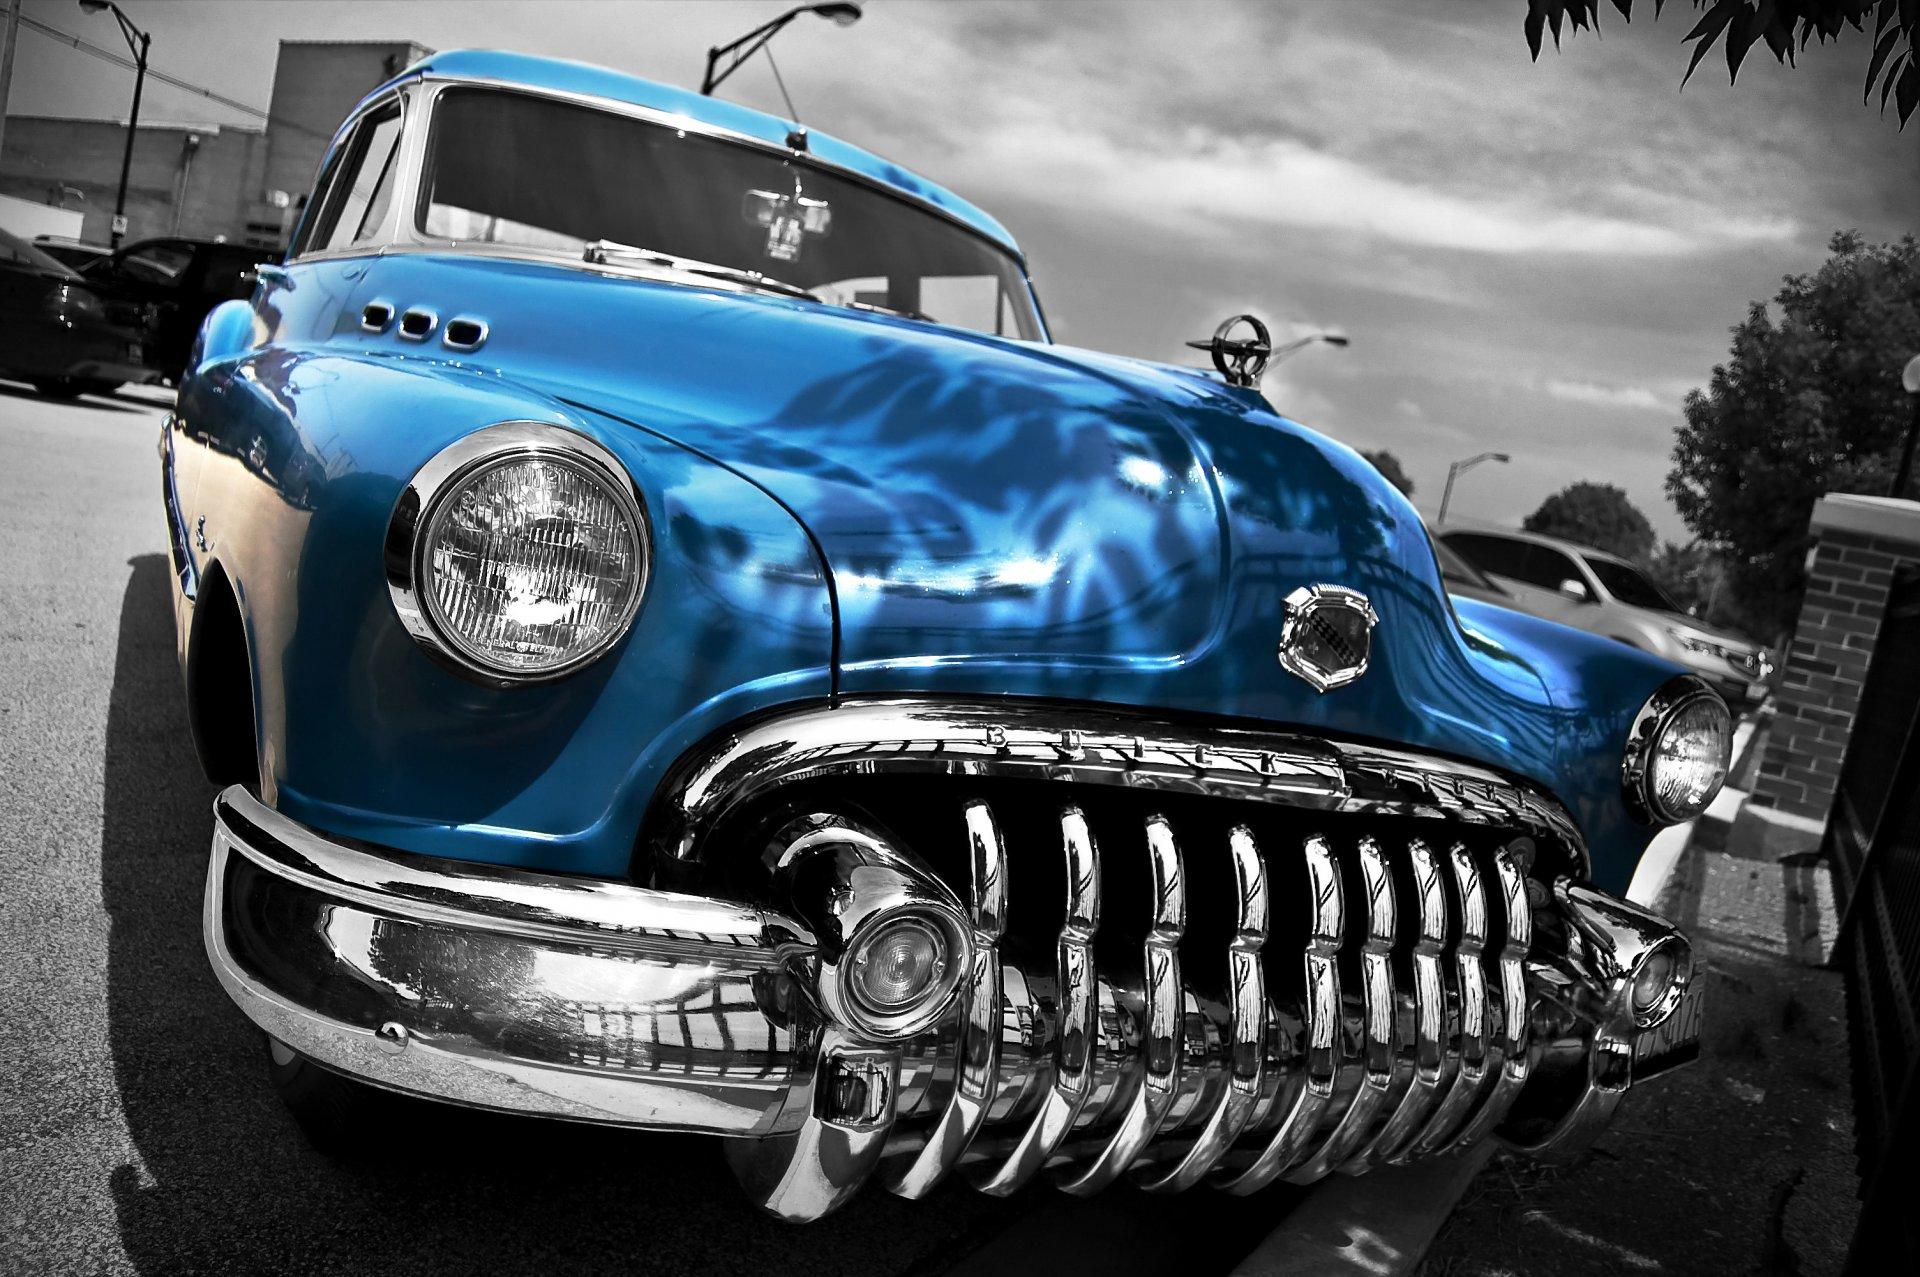 приходит качественное фото автомобиля на постер новости нашего интернет-магазина